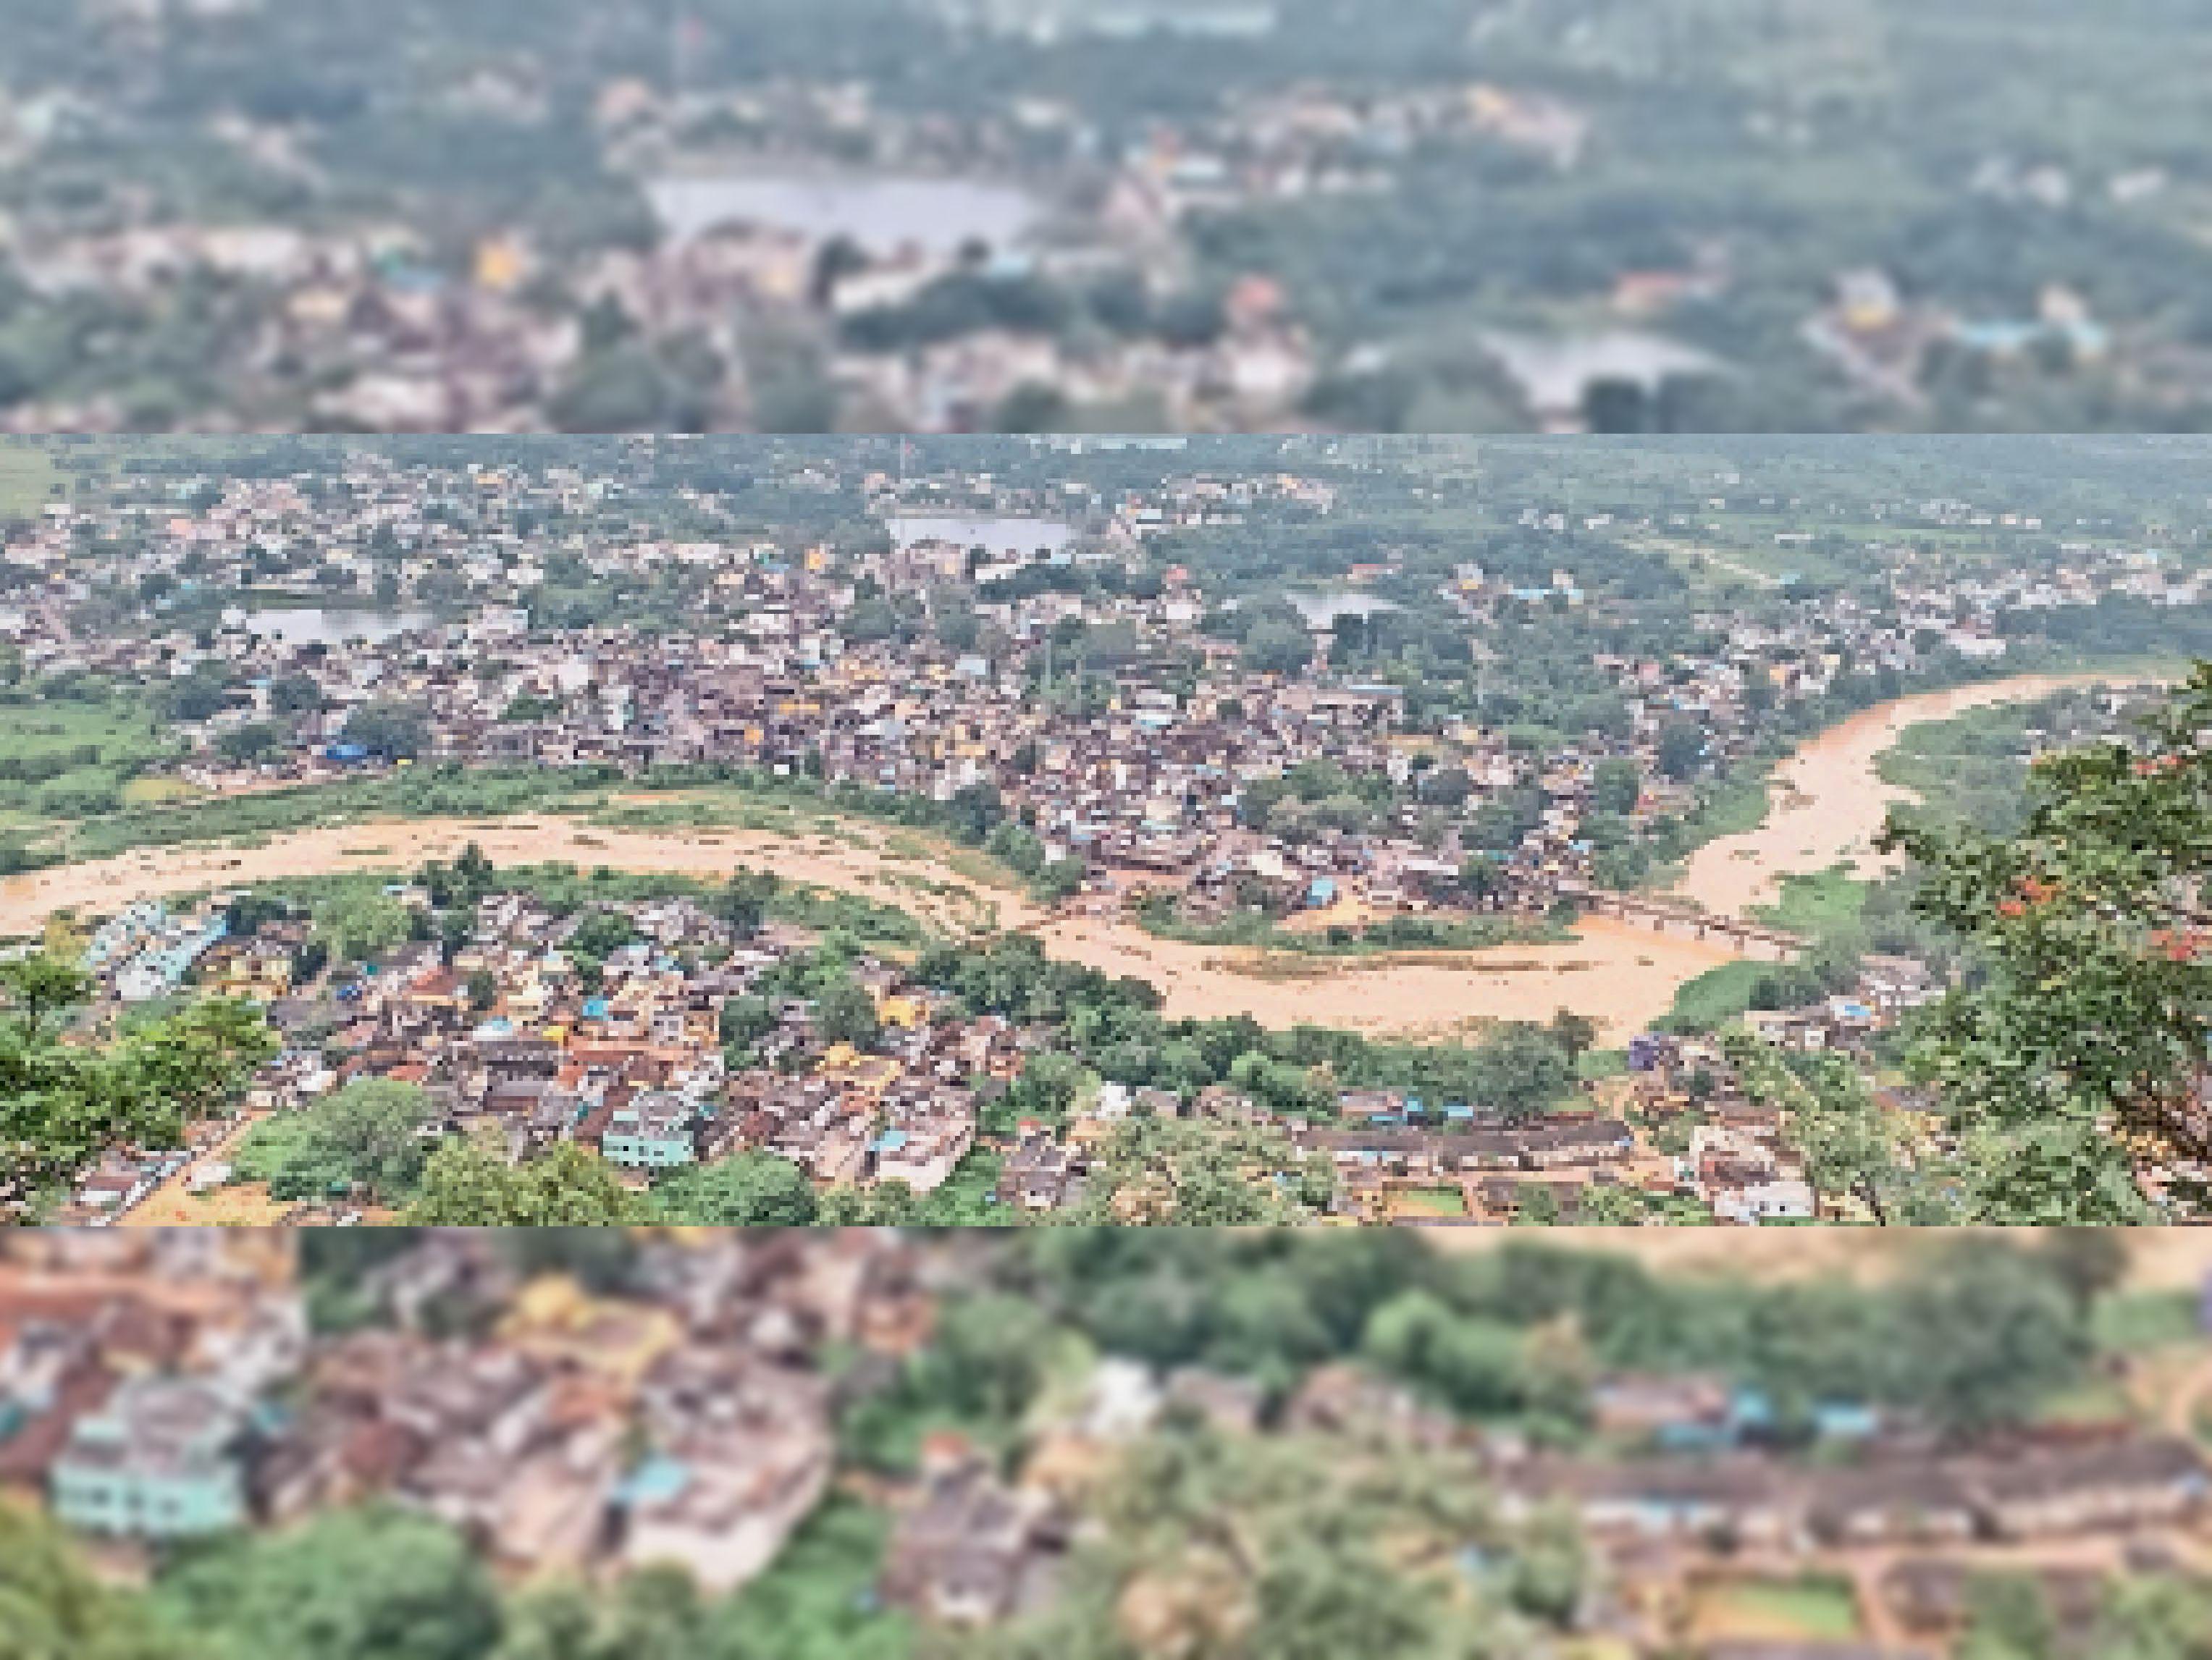 सितंबर में अच्छी बारिश के बावजूद शहर की दूधनदी में पानी नहीं भर पाया है। इसीलिए नजर आ रही है नदी के किनारे झाड़ियां। - Dainik Bhaskar